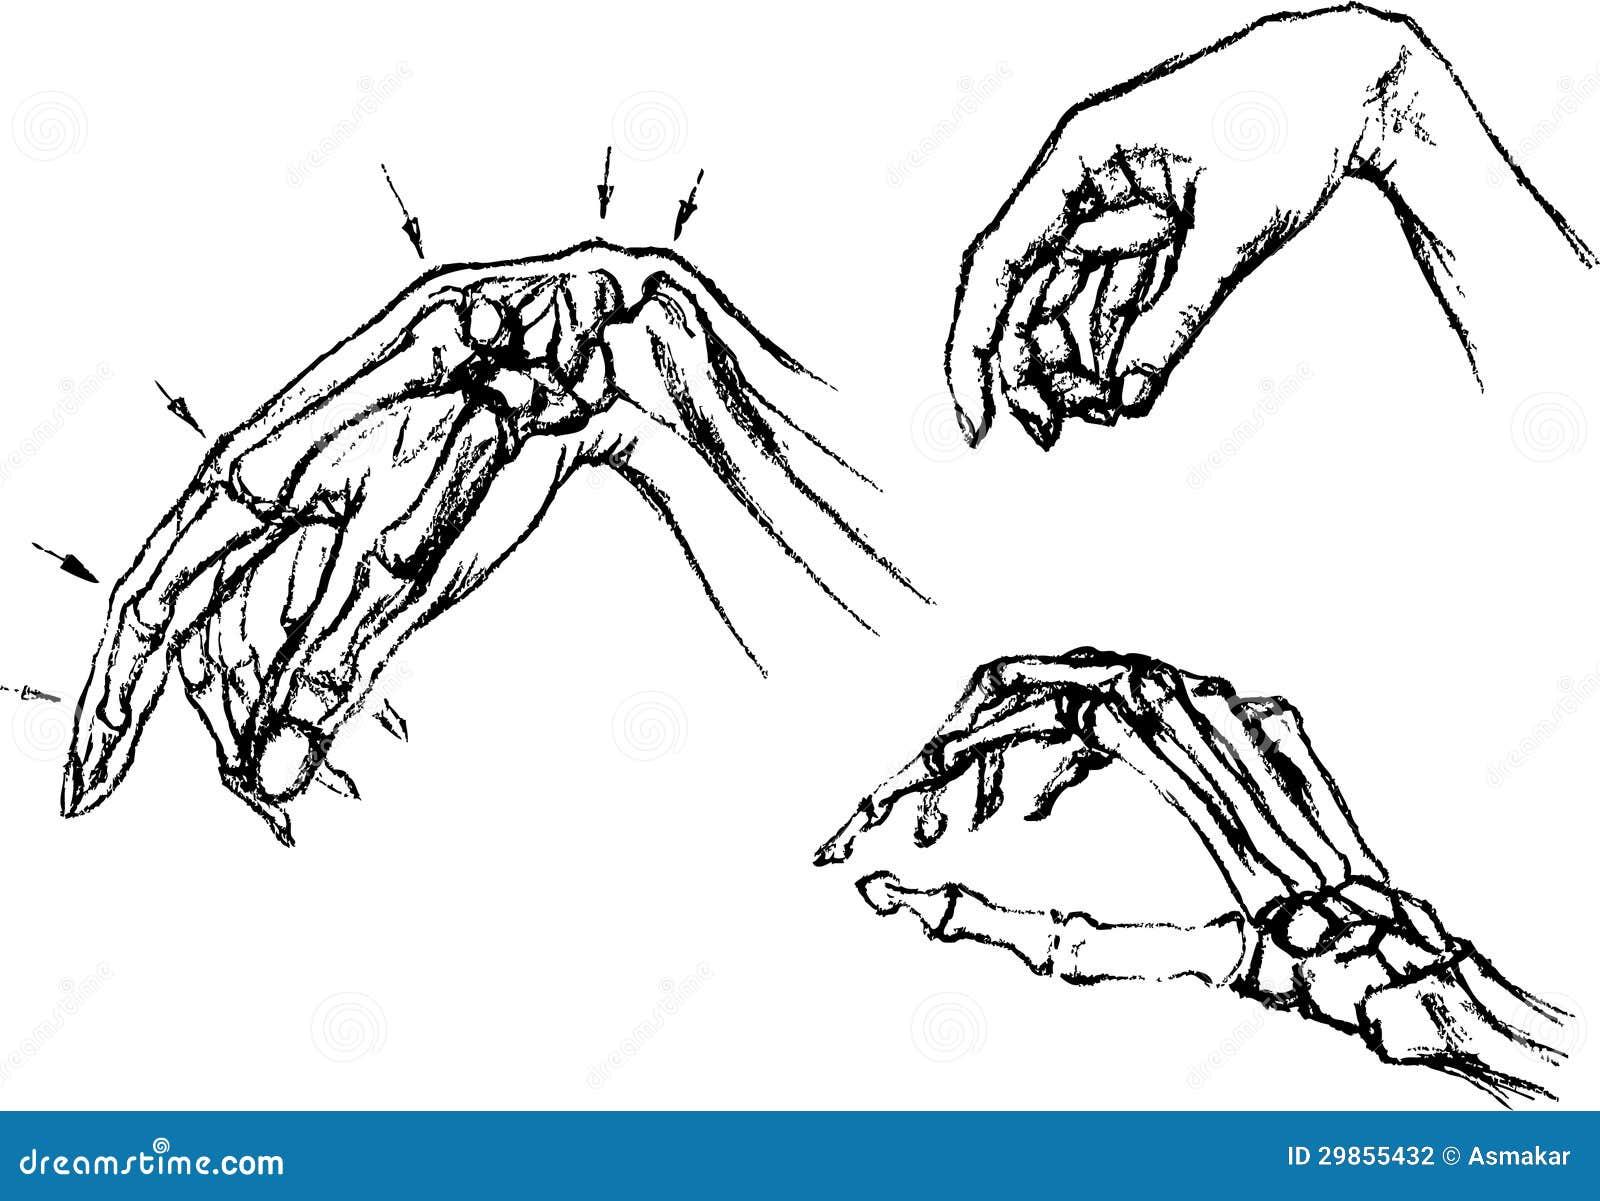 Anatomie Des Menschlichen Körpers Vektor Abbildung - Illustration ...